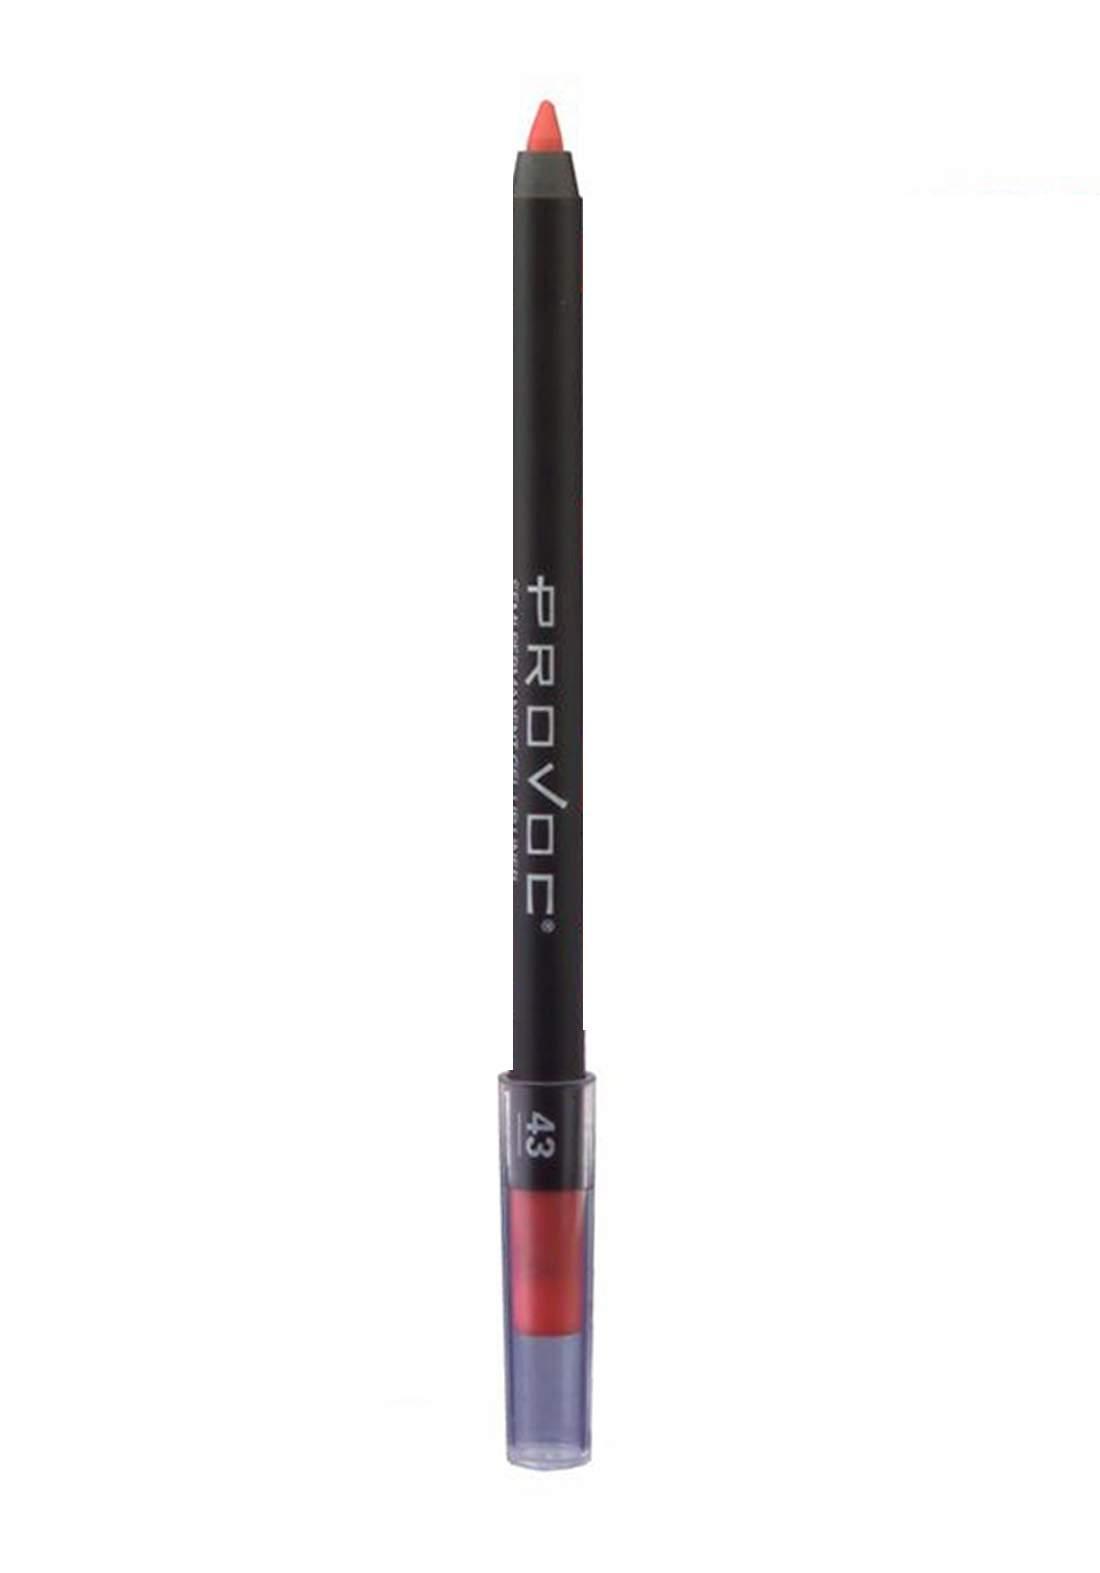 Provoc 353-0051 Semi Permanent Gel Lip Liner Pencil No.43 محدد الشفاه